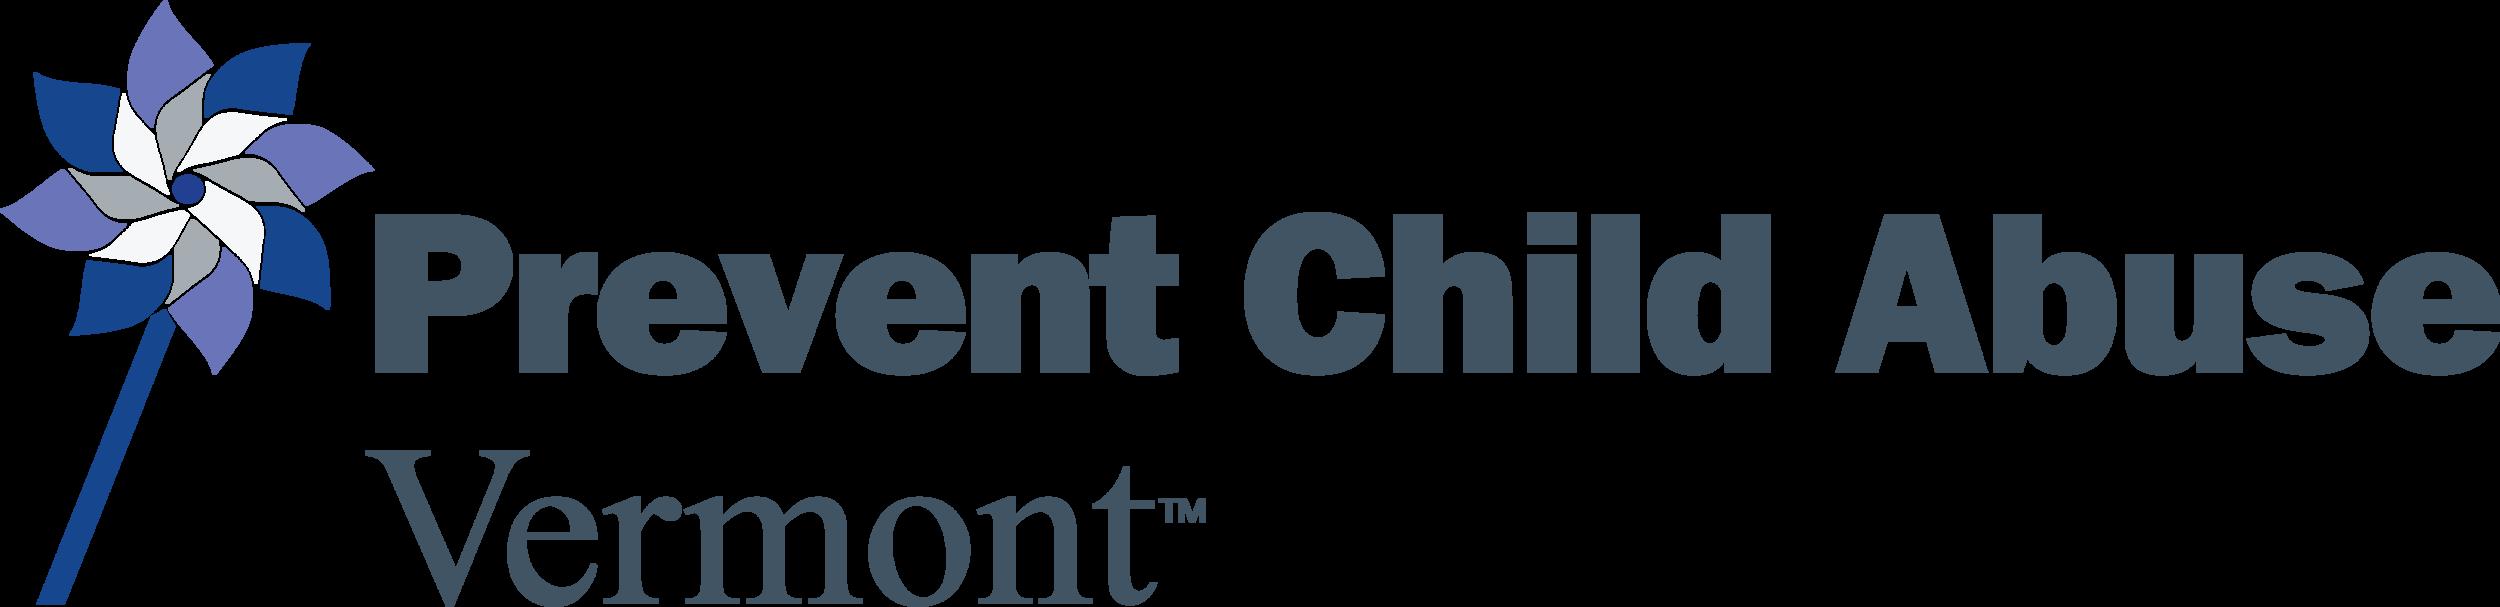 PCAVT_logo.png